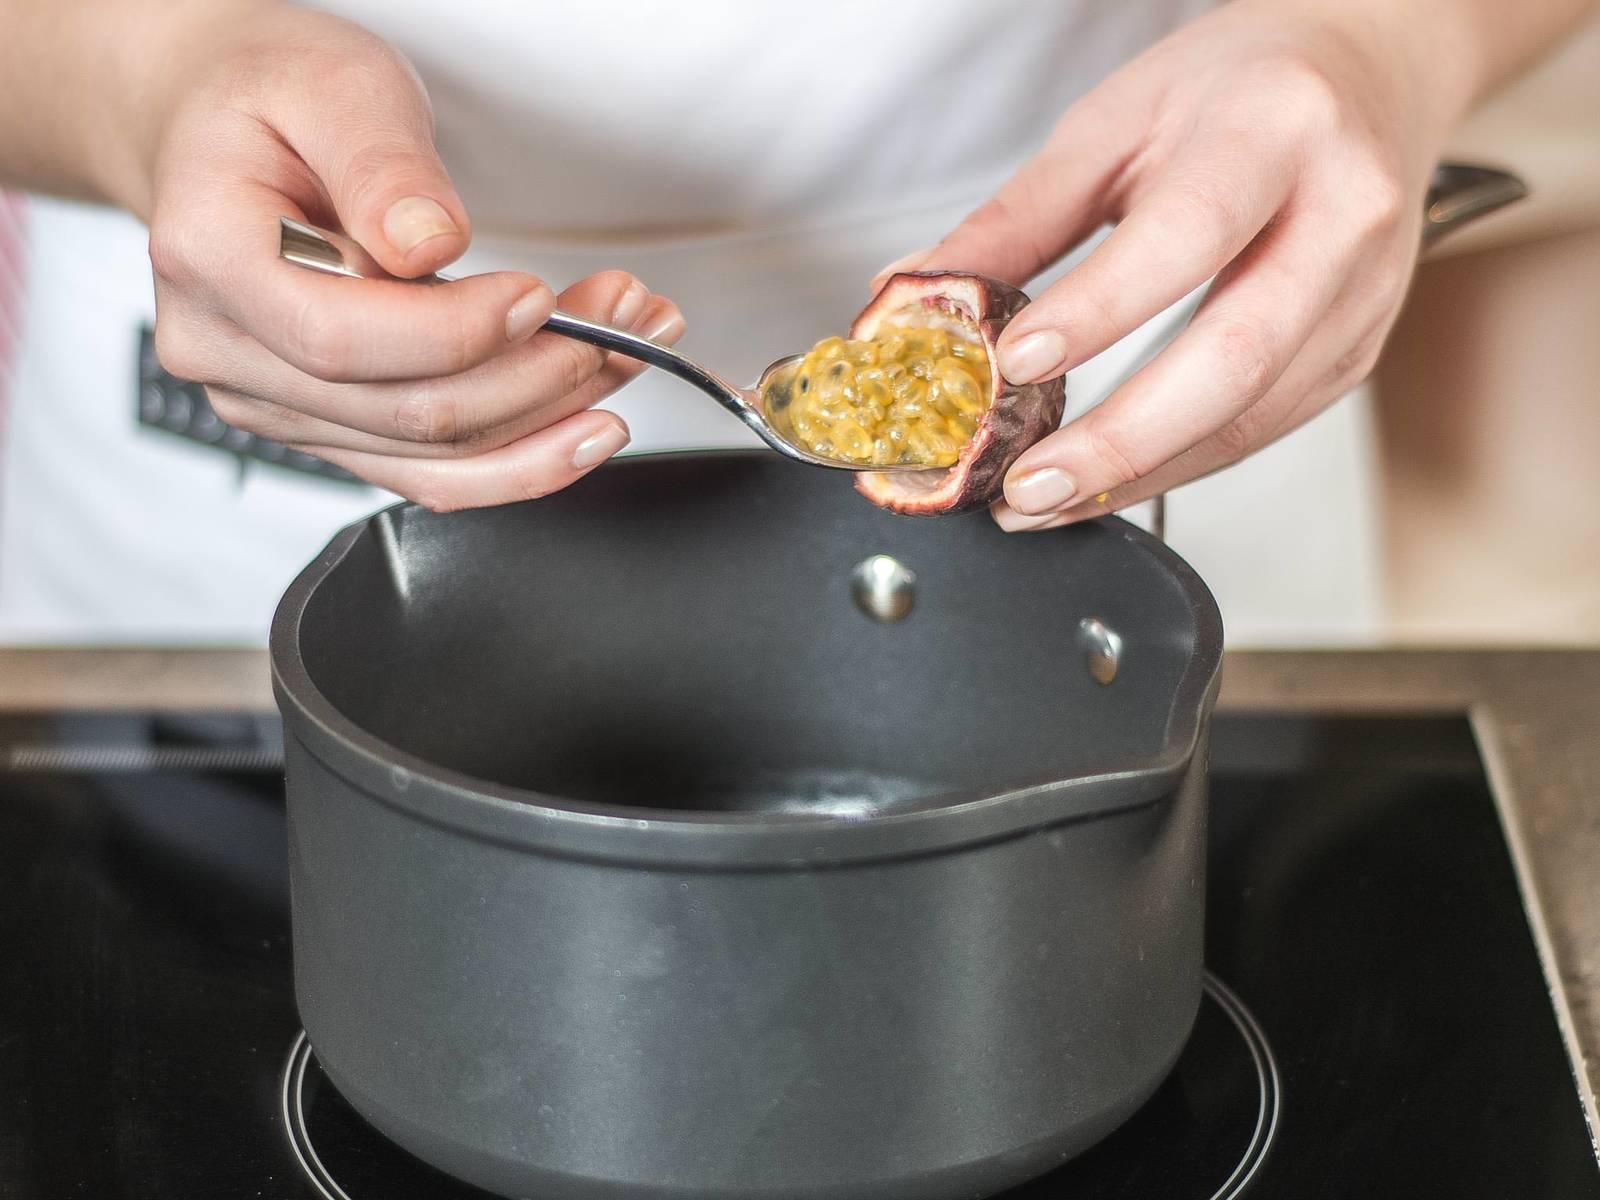 西番莲沙司的制做(享用前做):切开西番莲,用勺子取出果肉,放入小锅中。